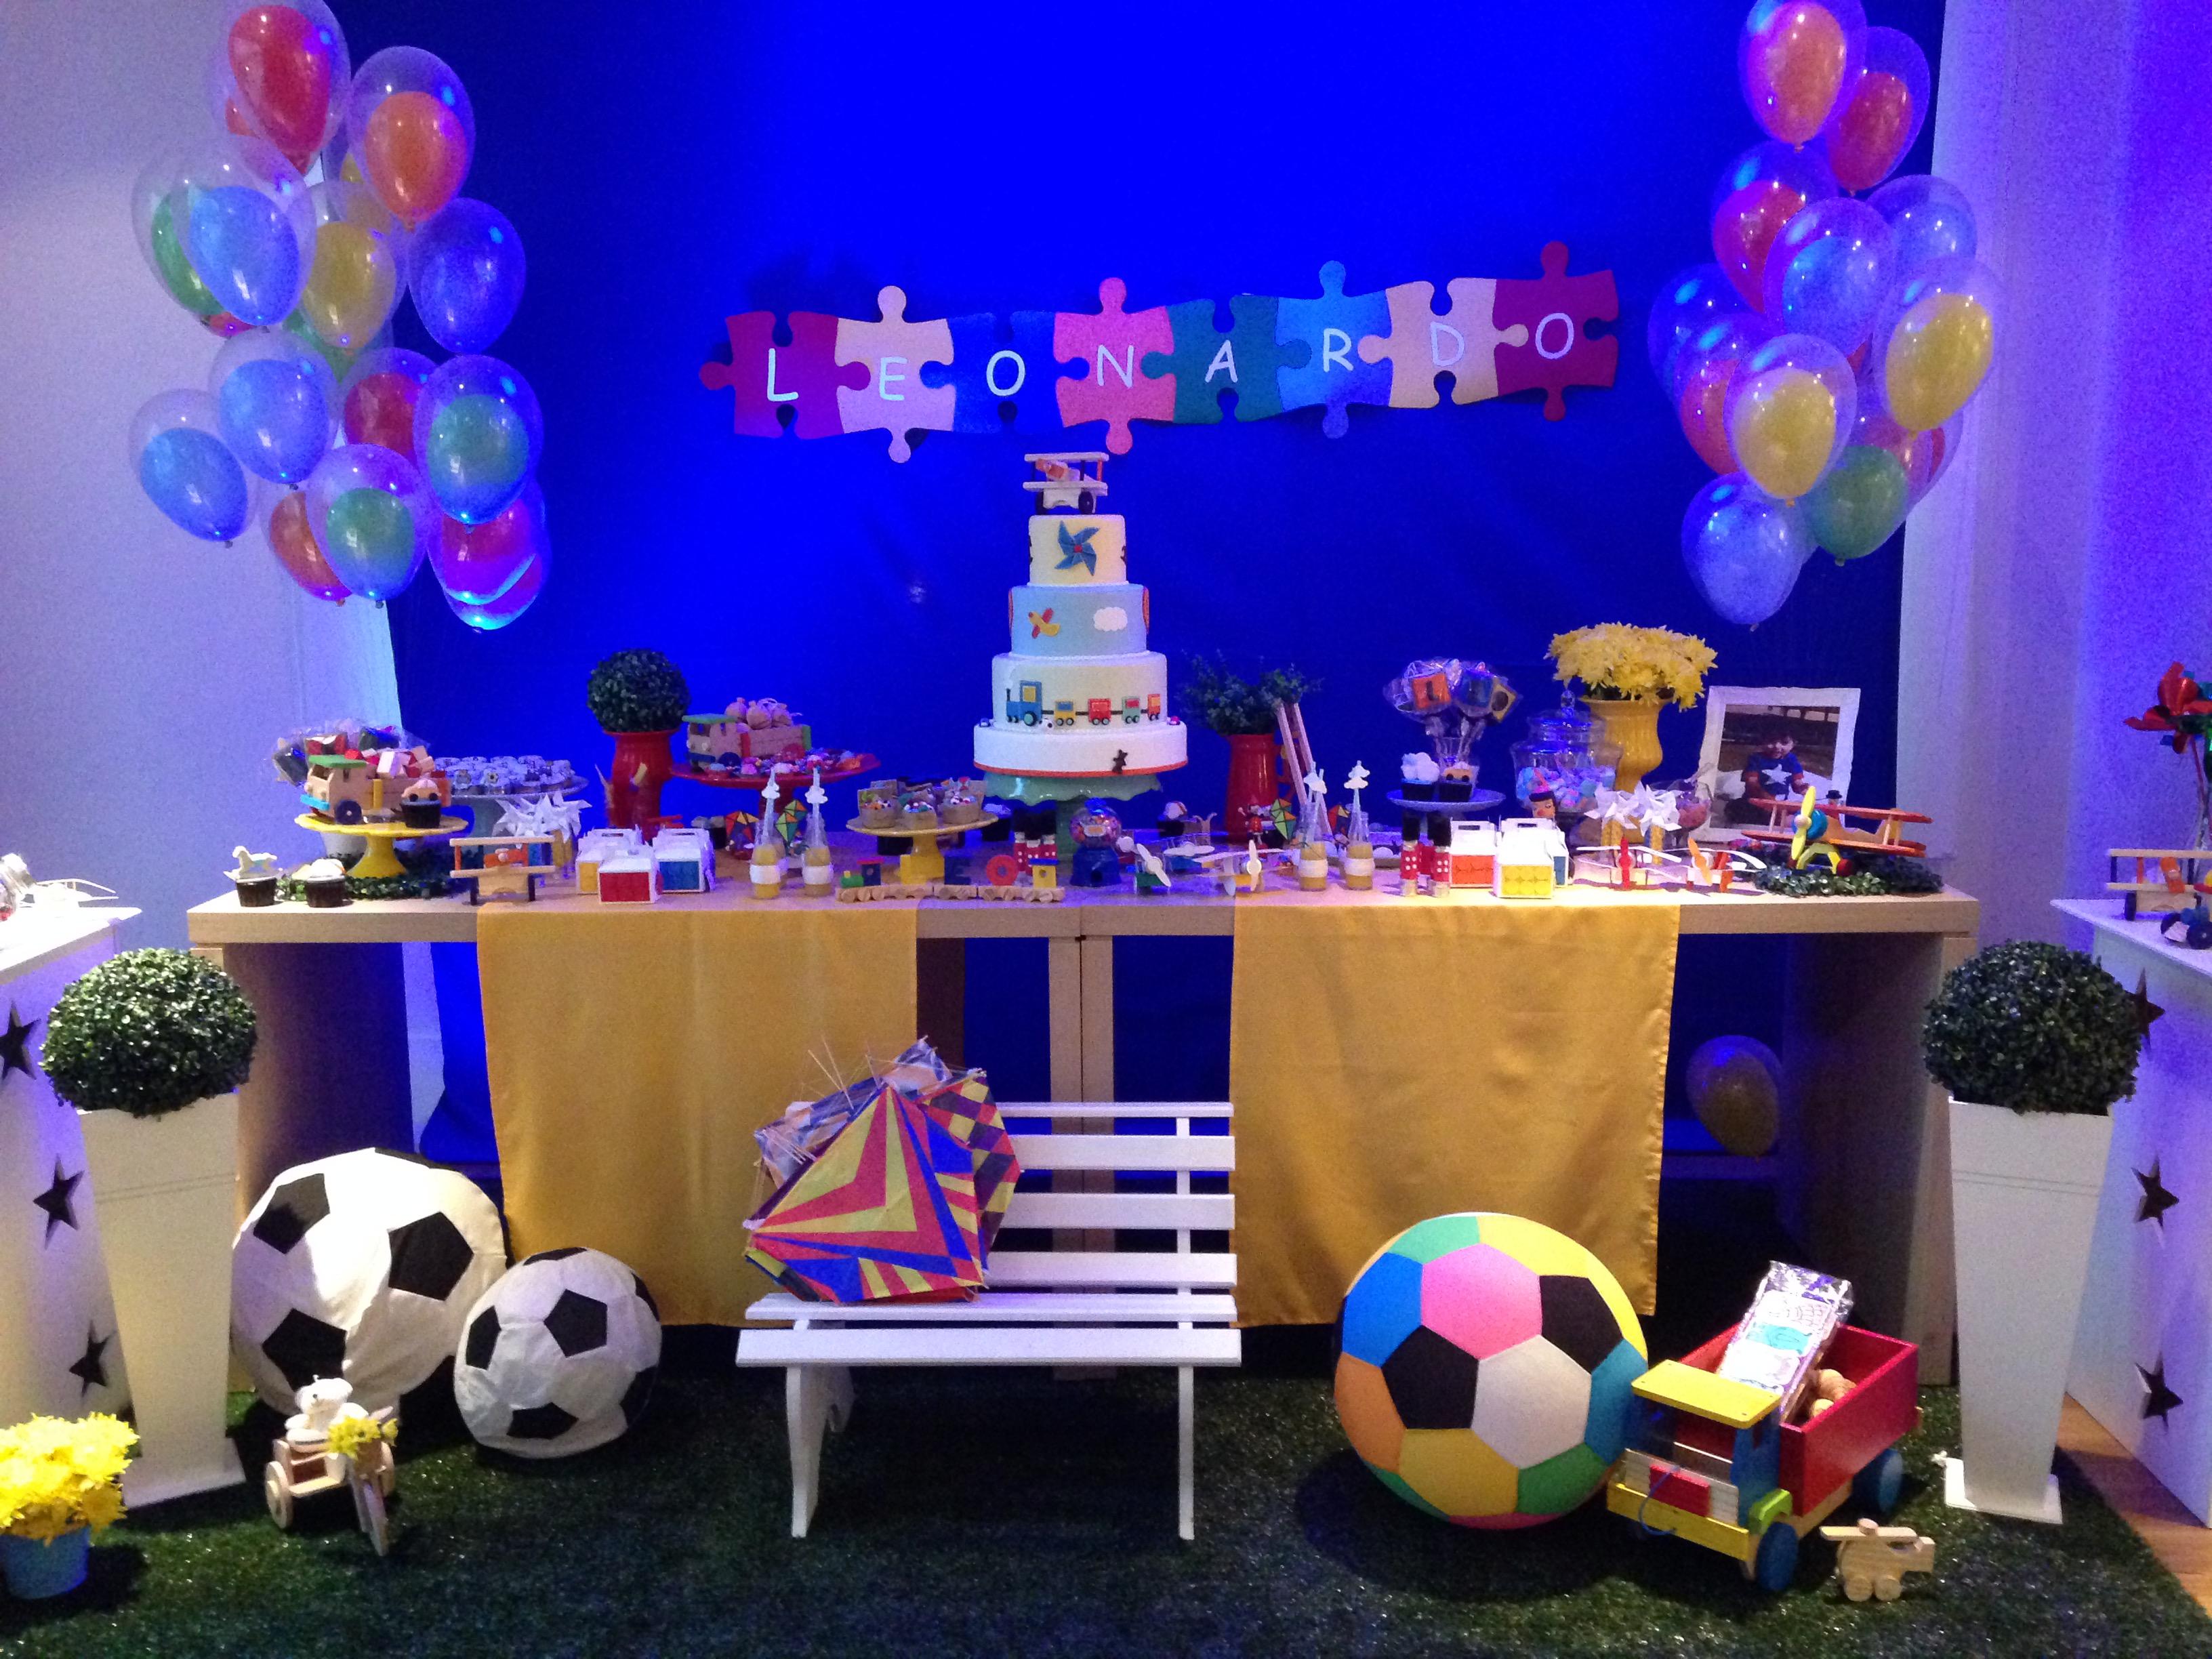 Decorao de festa infantil brinquedos no elo7 lil criando decorao de festa infantil brinquedos no elo7 lil criando ideias 68d344 thecheapjerseys Images